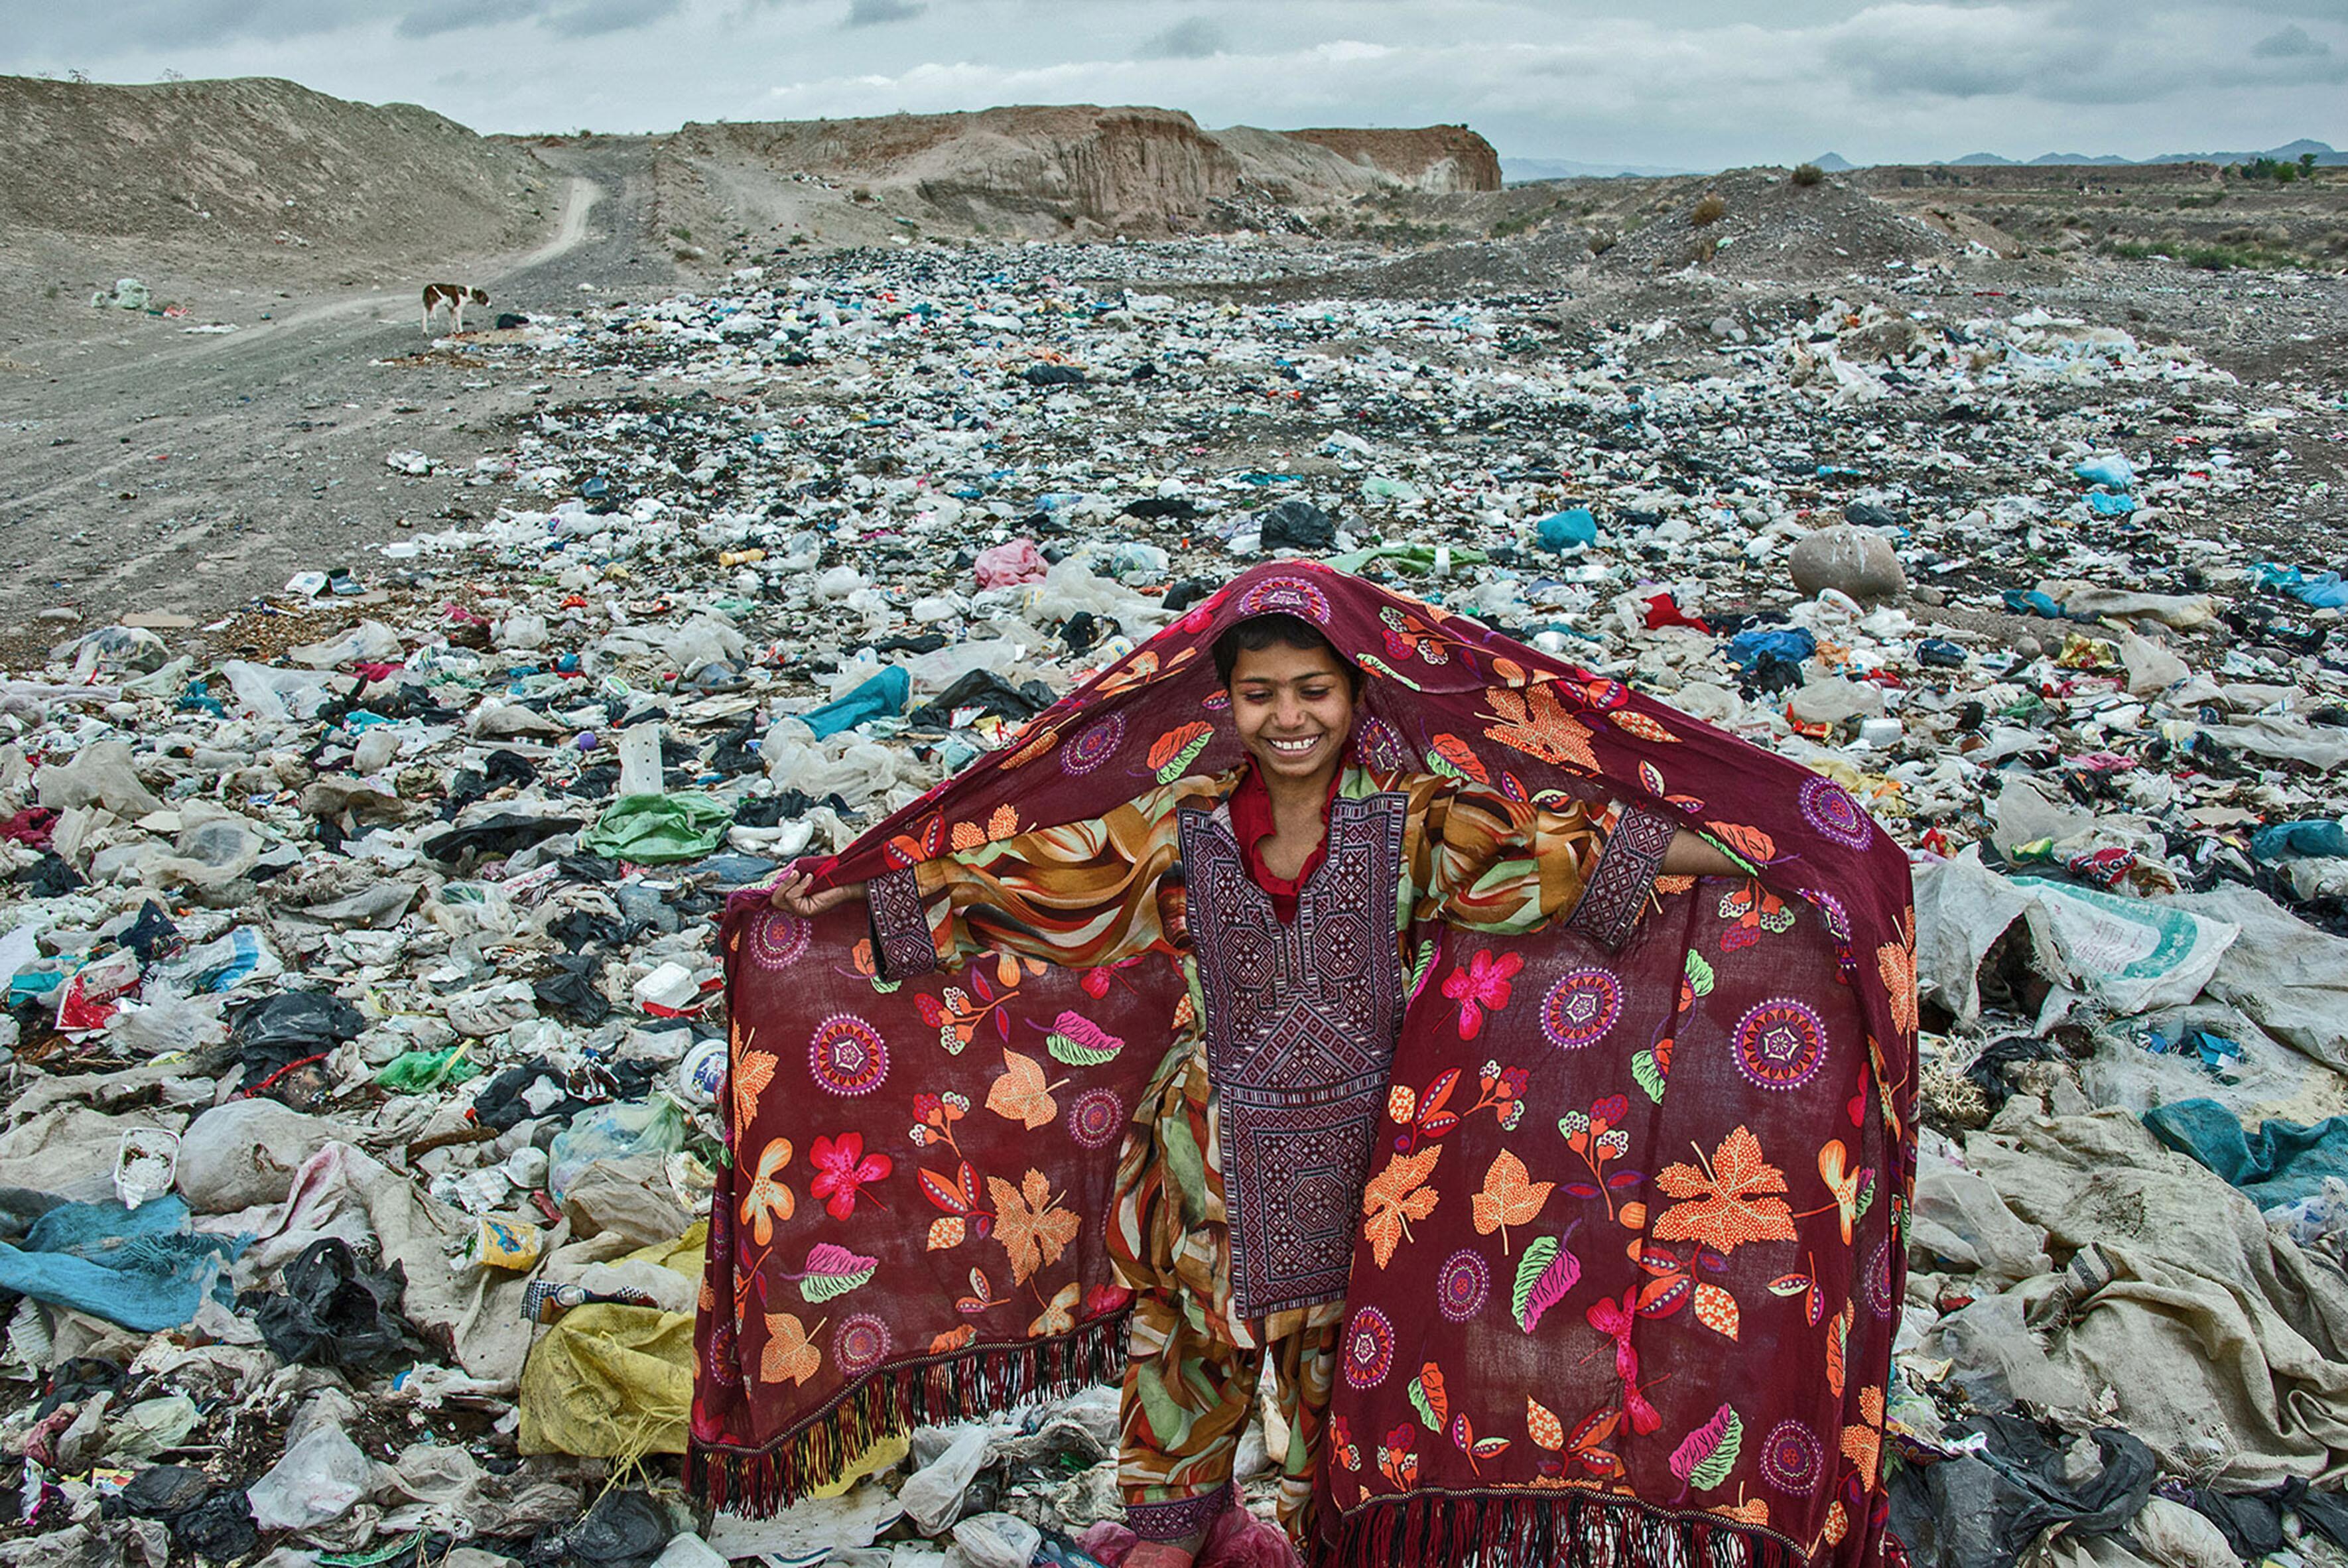 Bild zu Kinder, Iran, Müll